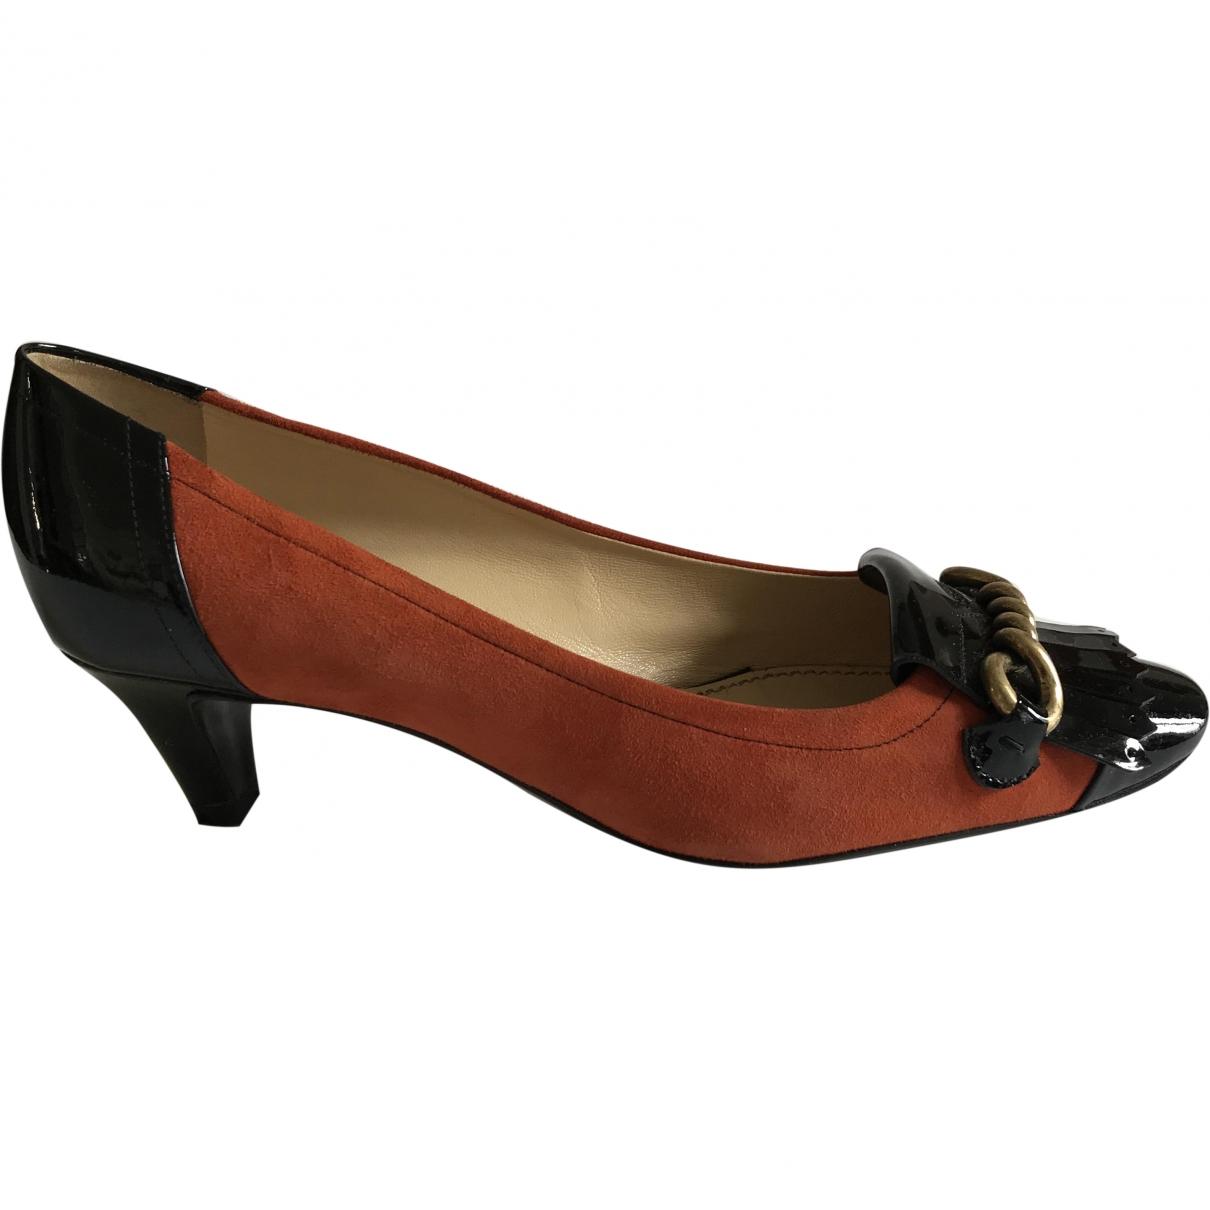 Yves Saint Laurent \N Multicolour Patent leather Heels for Women 37 EU